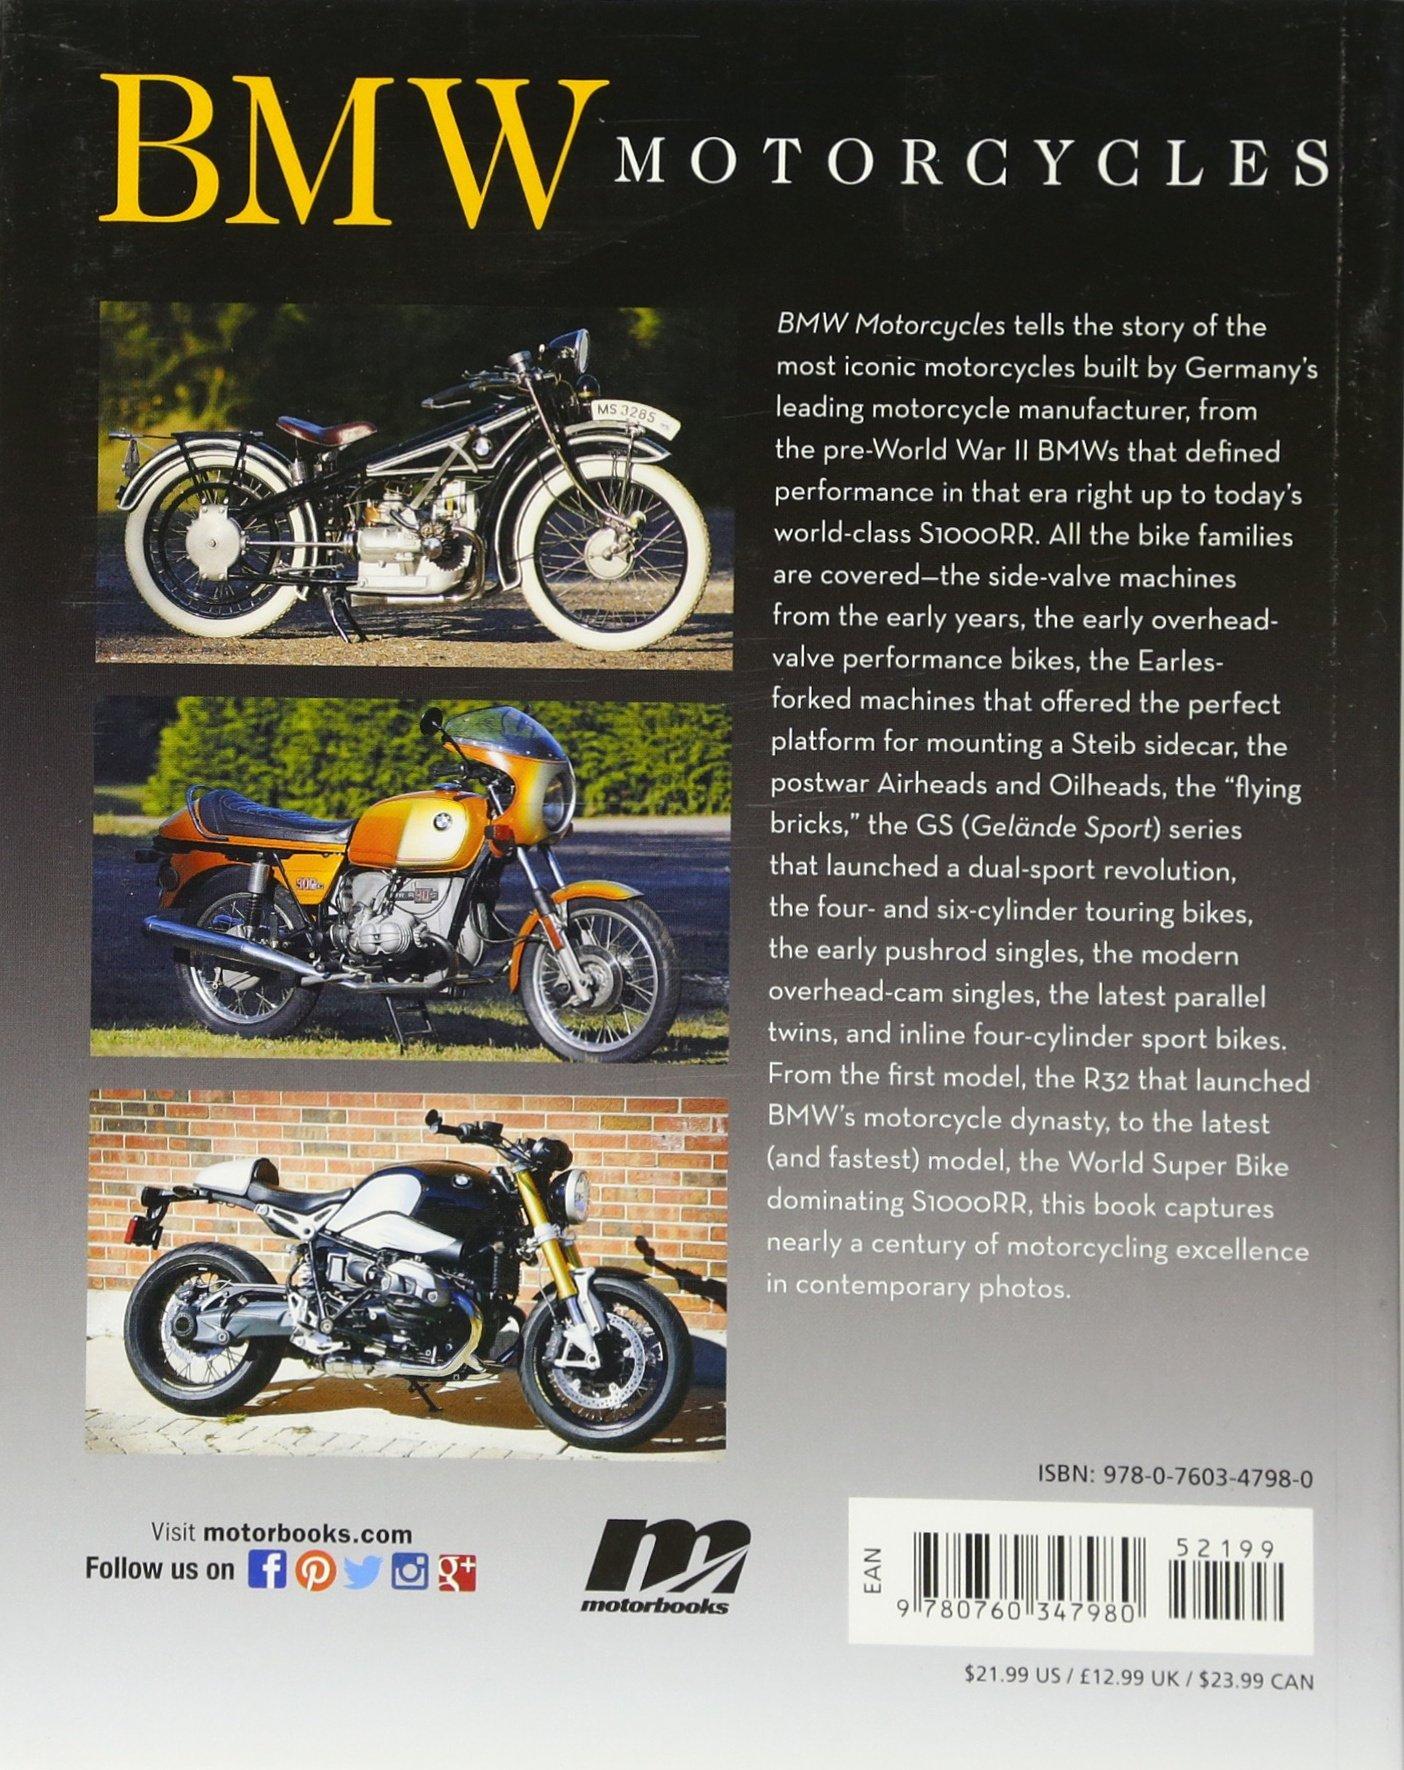 BMW Motorcycles (First Gear): Doug Mitchel: 9780760347980: Amazon.com: Books